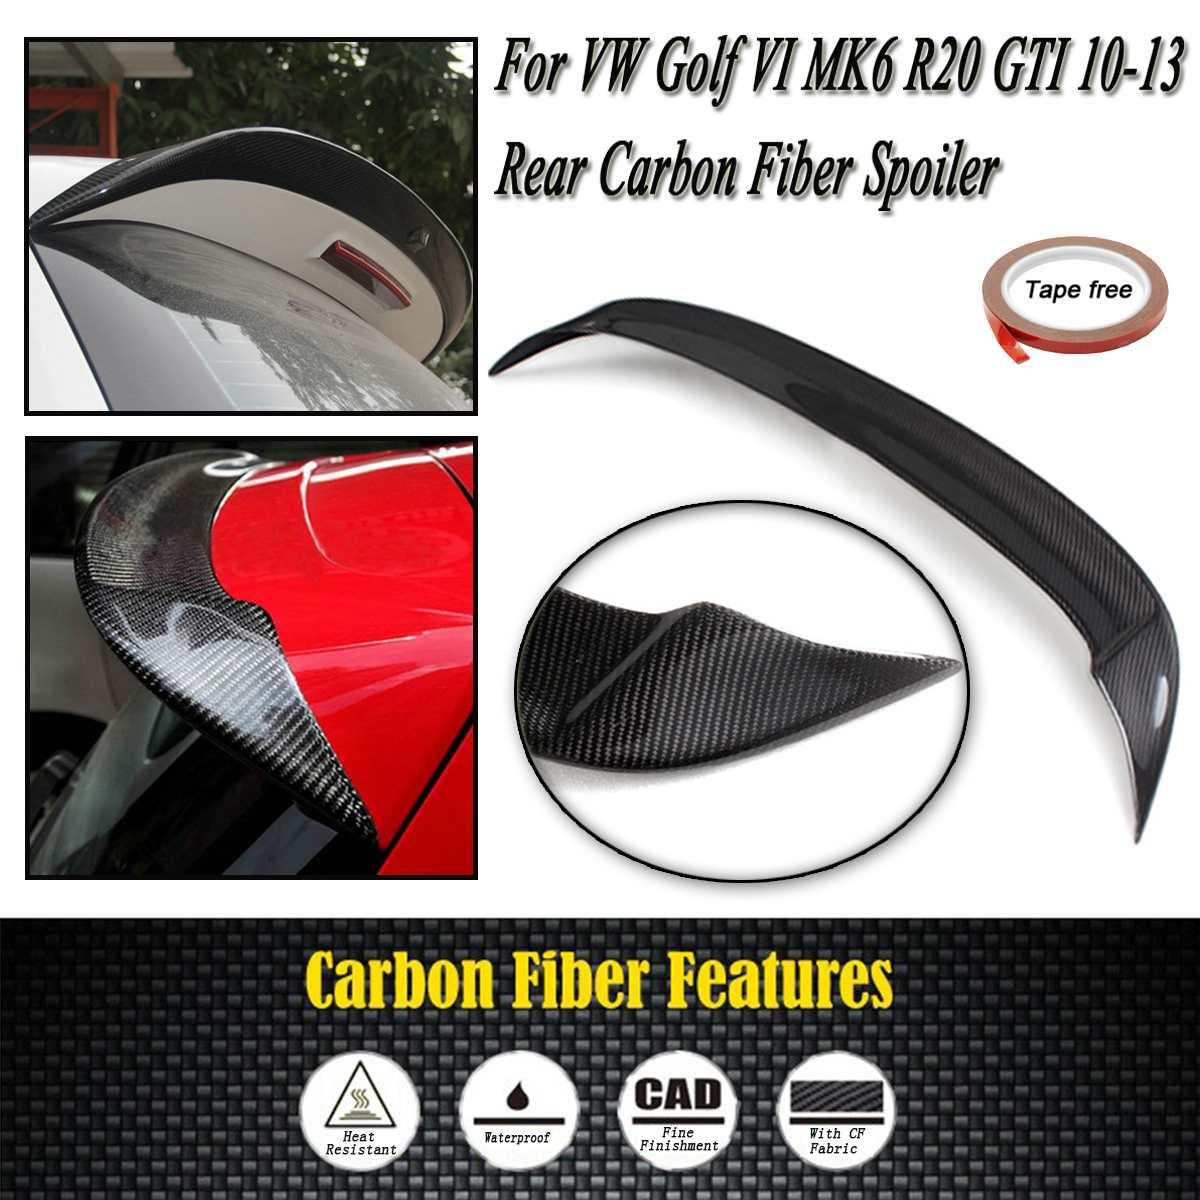 Полный углеродного волокна задний спойлер на крыше крыла лобового стекла загрузки губ Для Volkswagen для VW Golf VI MK6 R20 GTI 10 13